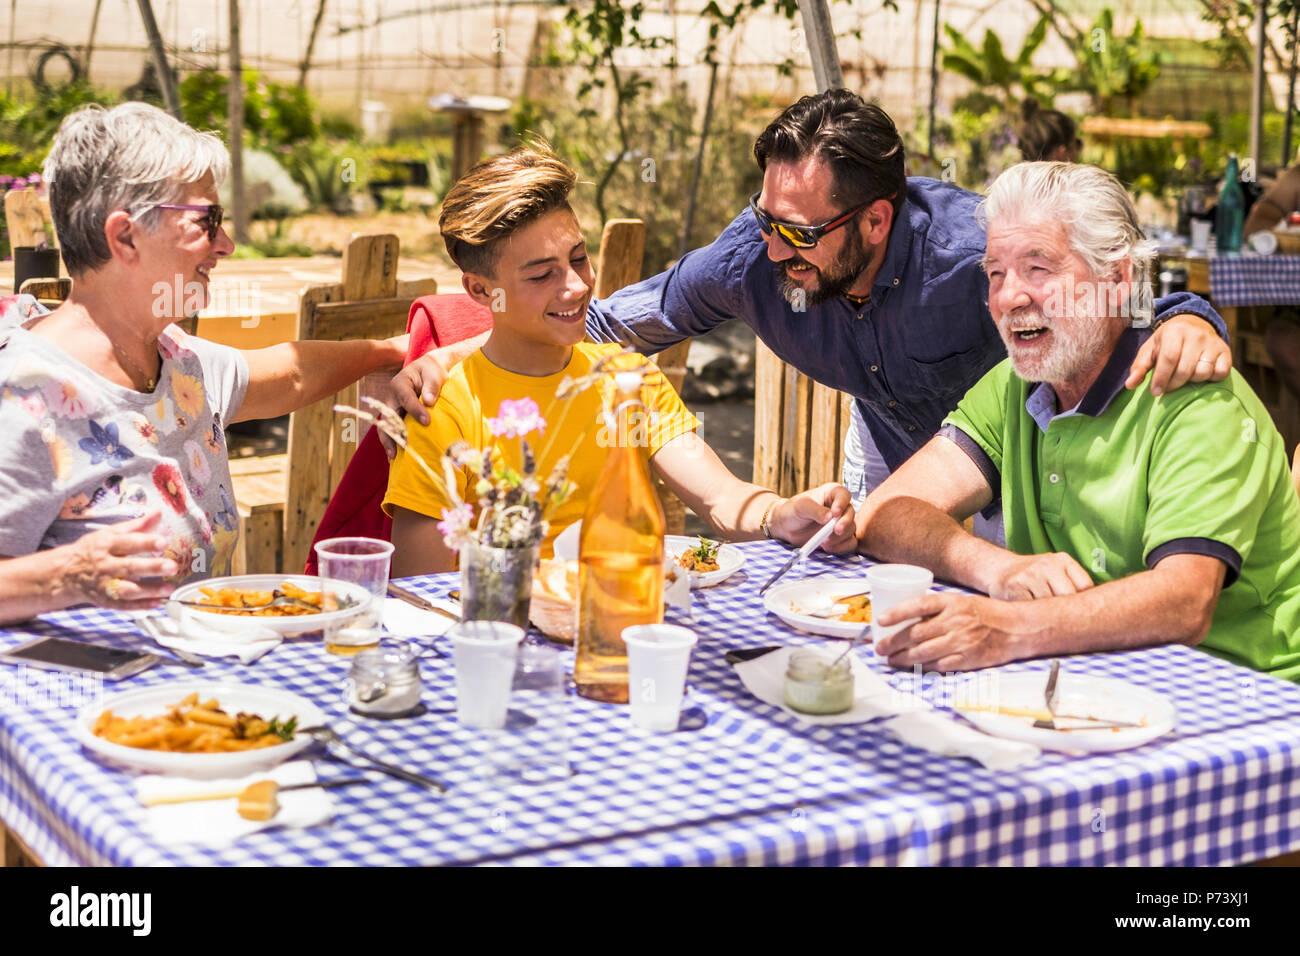 Les personnes de race blanche de la famille en train de dîner dans le restaurant alternative naturelle tous ensemble, avec joie et plaisir. sourire et rire trois différentes générations Photo Stock